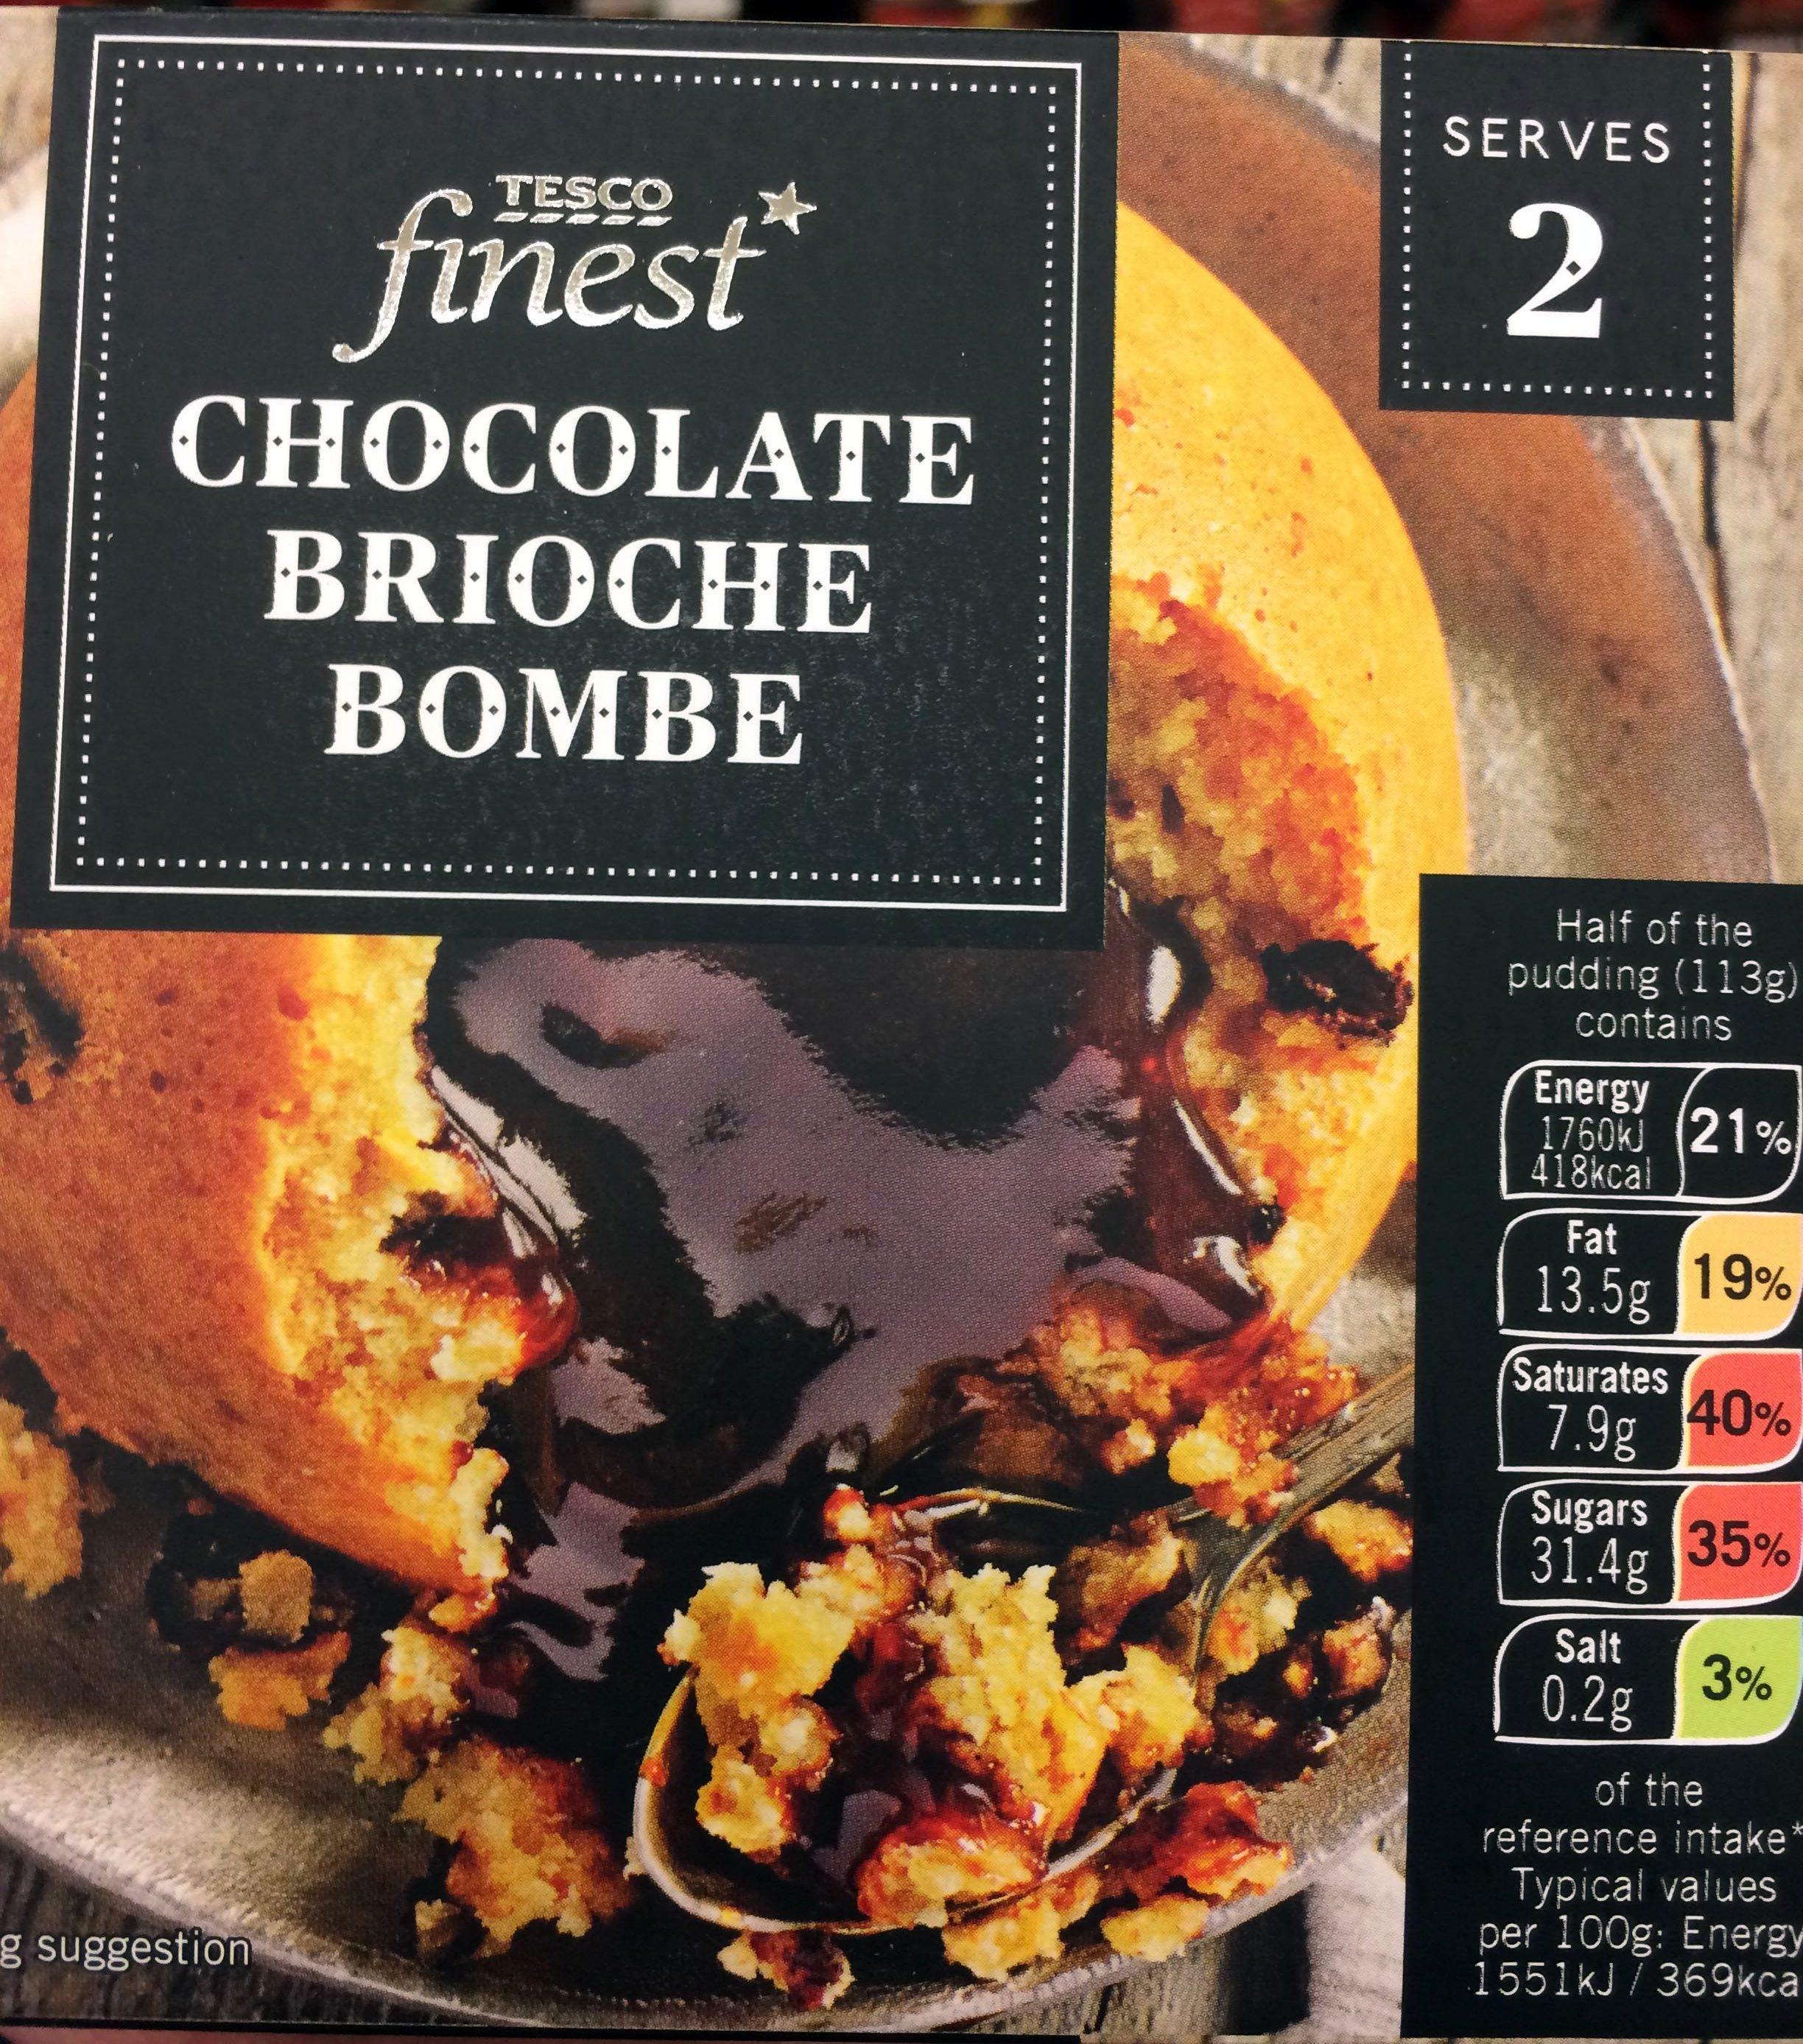 Chocolate brioche bombe - Product